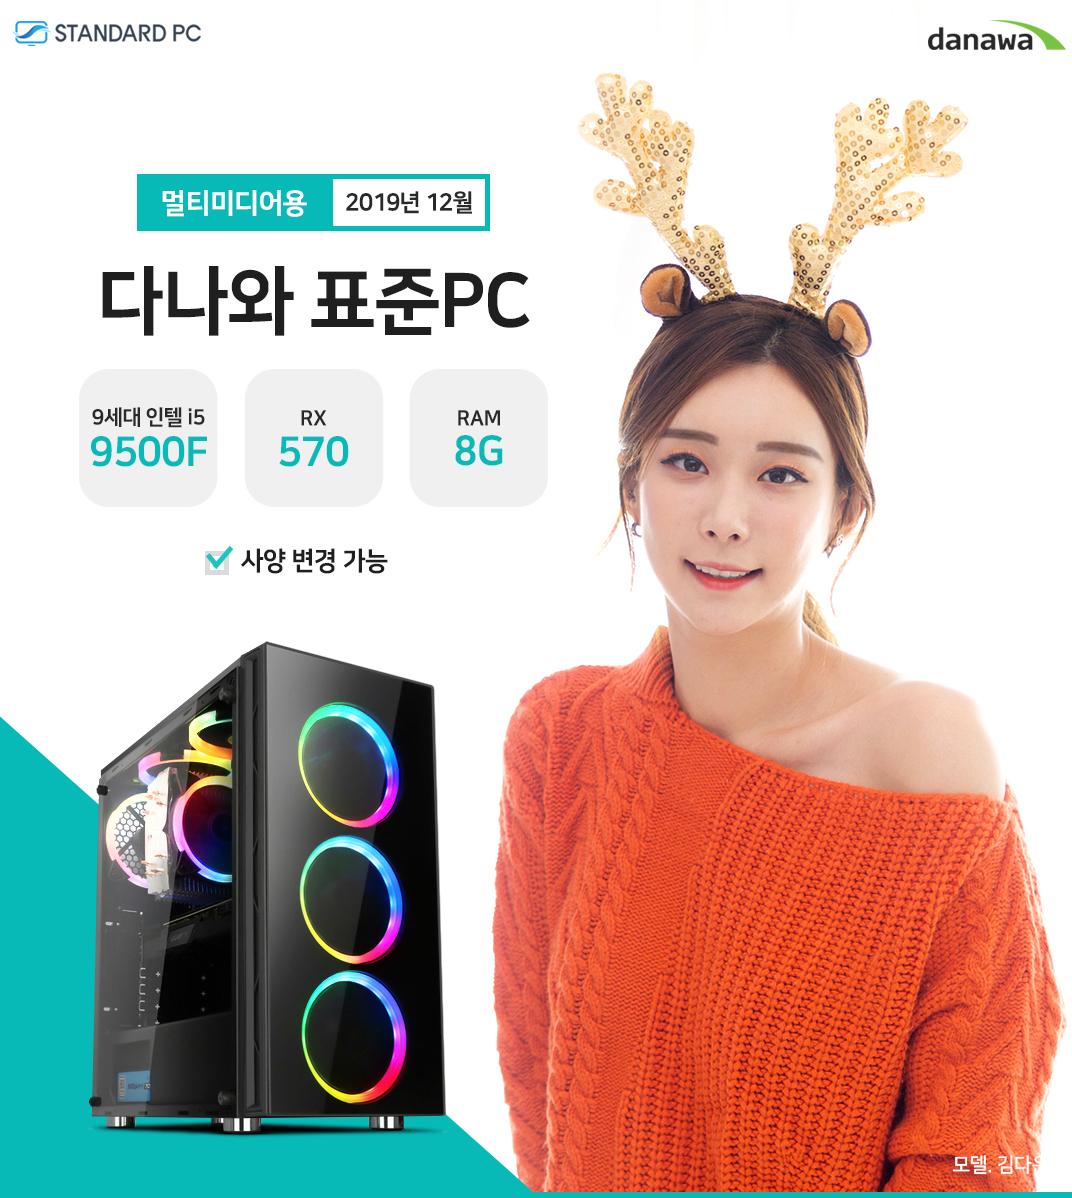 2019년 12월 다나와 표준PC 멀티디미어용 인텔 i5-9세대 9500F 내장 RAM 8G 모델 김다운